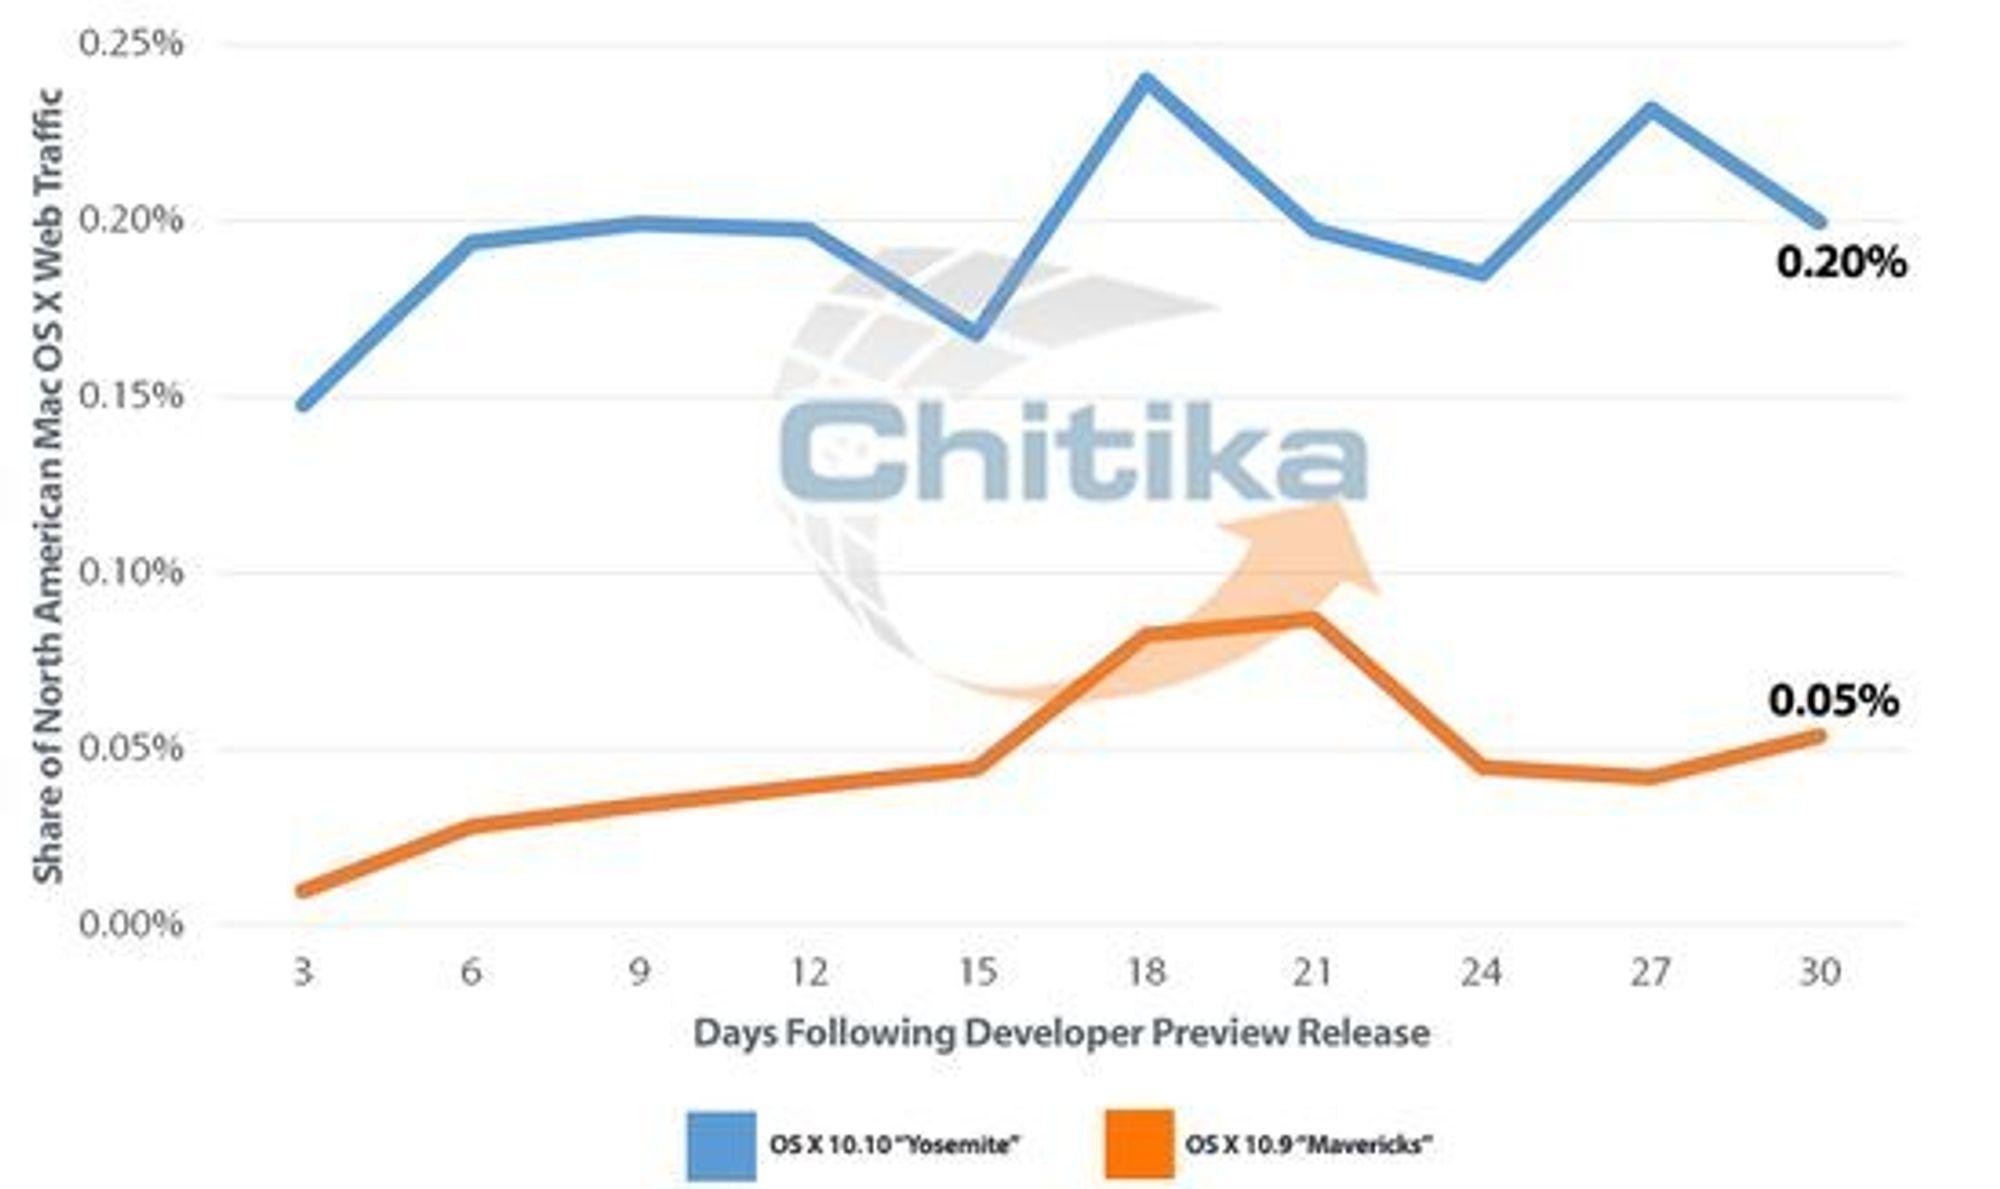 Yosemite (blå graf) er tatt i bruk av rundt fire ganger så mange som Mavericks ble i tilsvarende periode, det vil si den første måneden etter lansering av beta-utgave, ifølge tallene til Chitika.